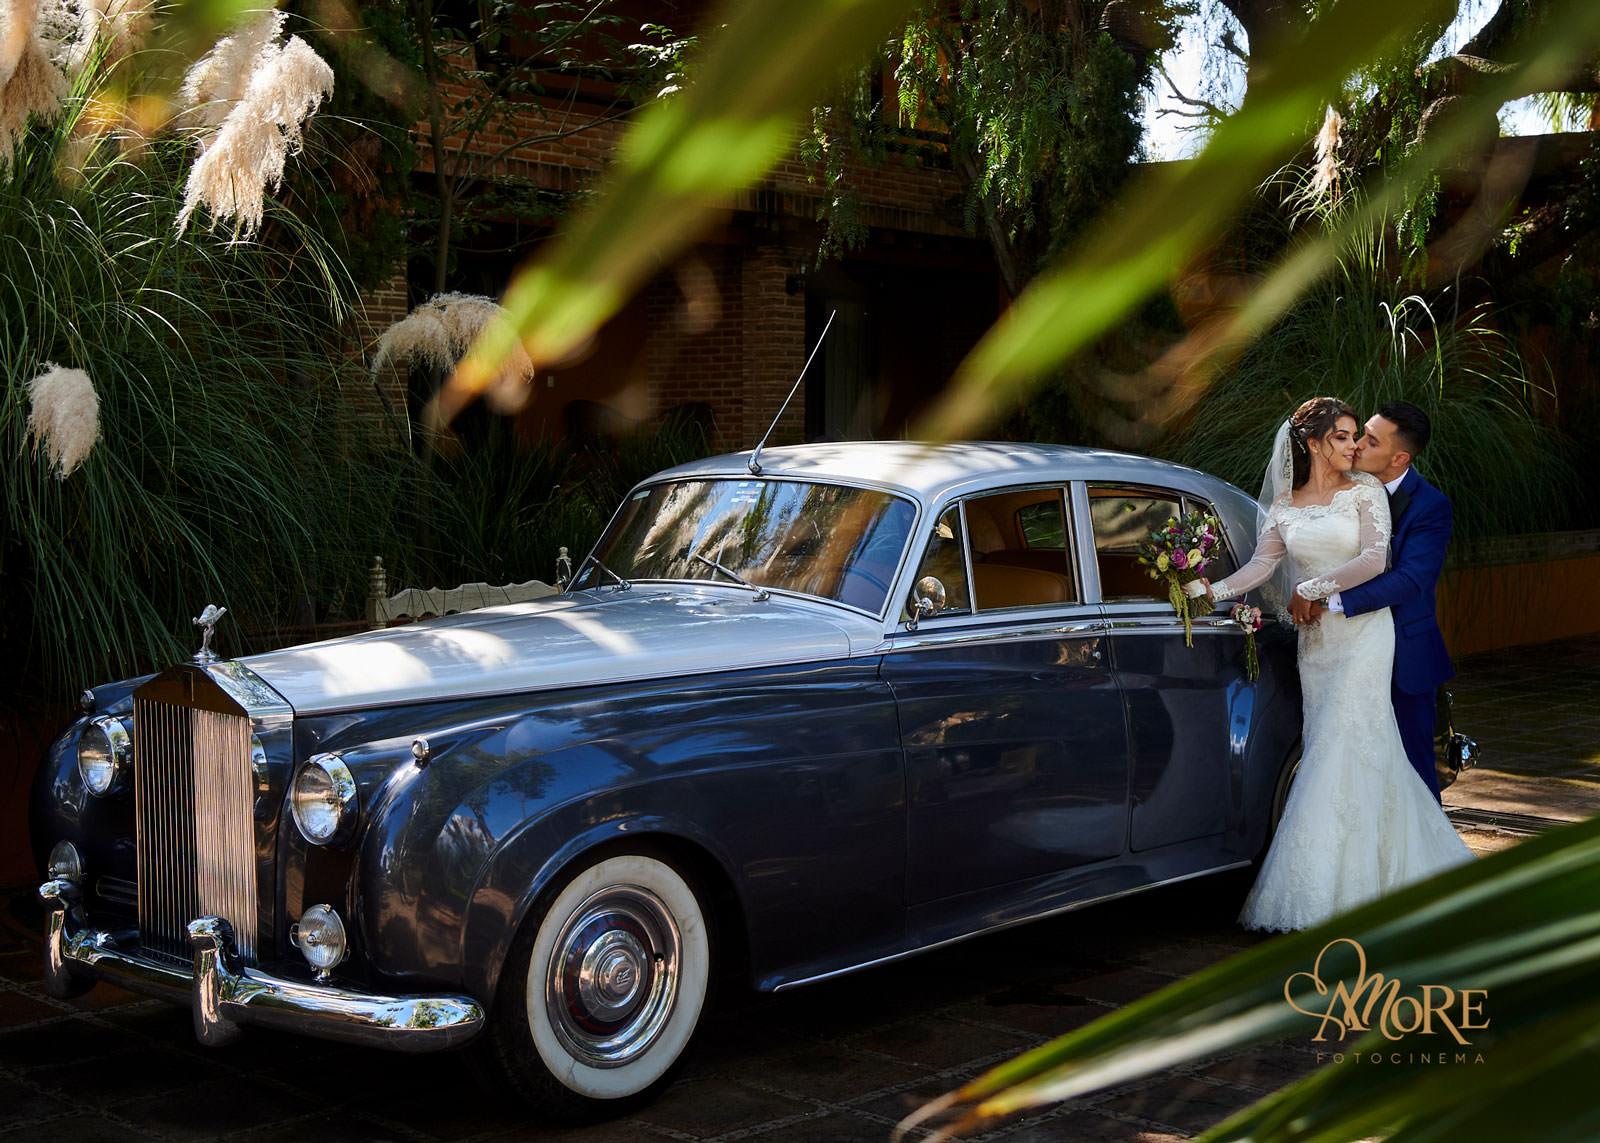 El mejor fotografo de bodas en Ocotlan